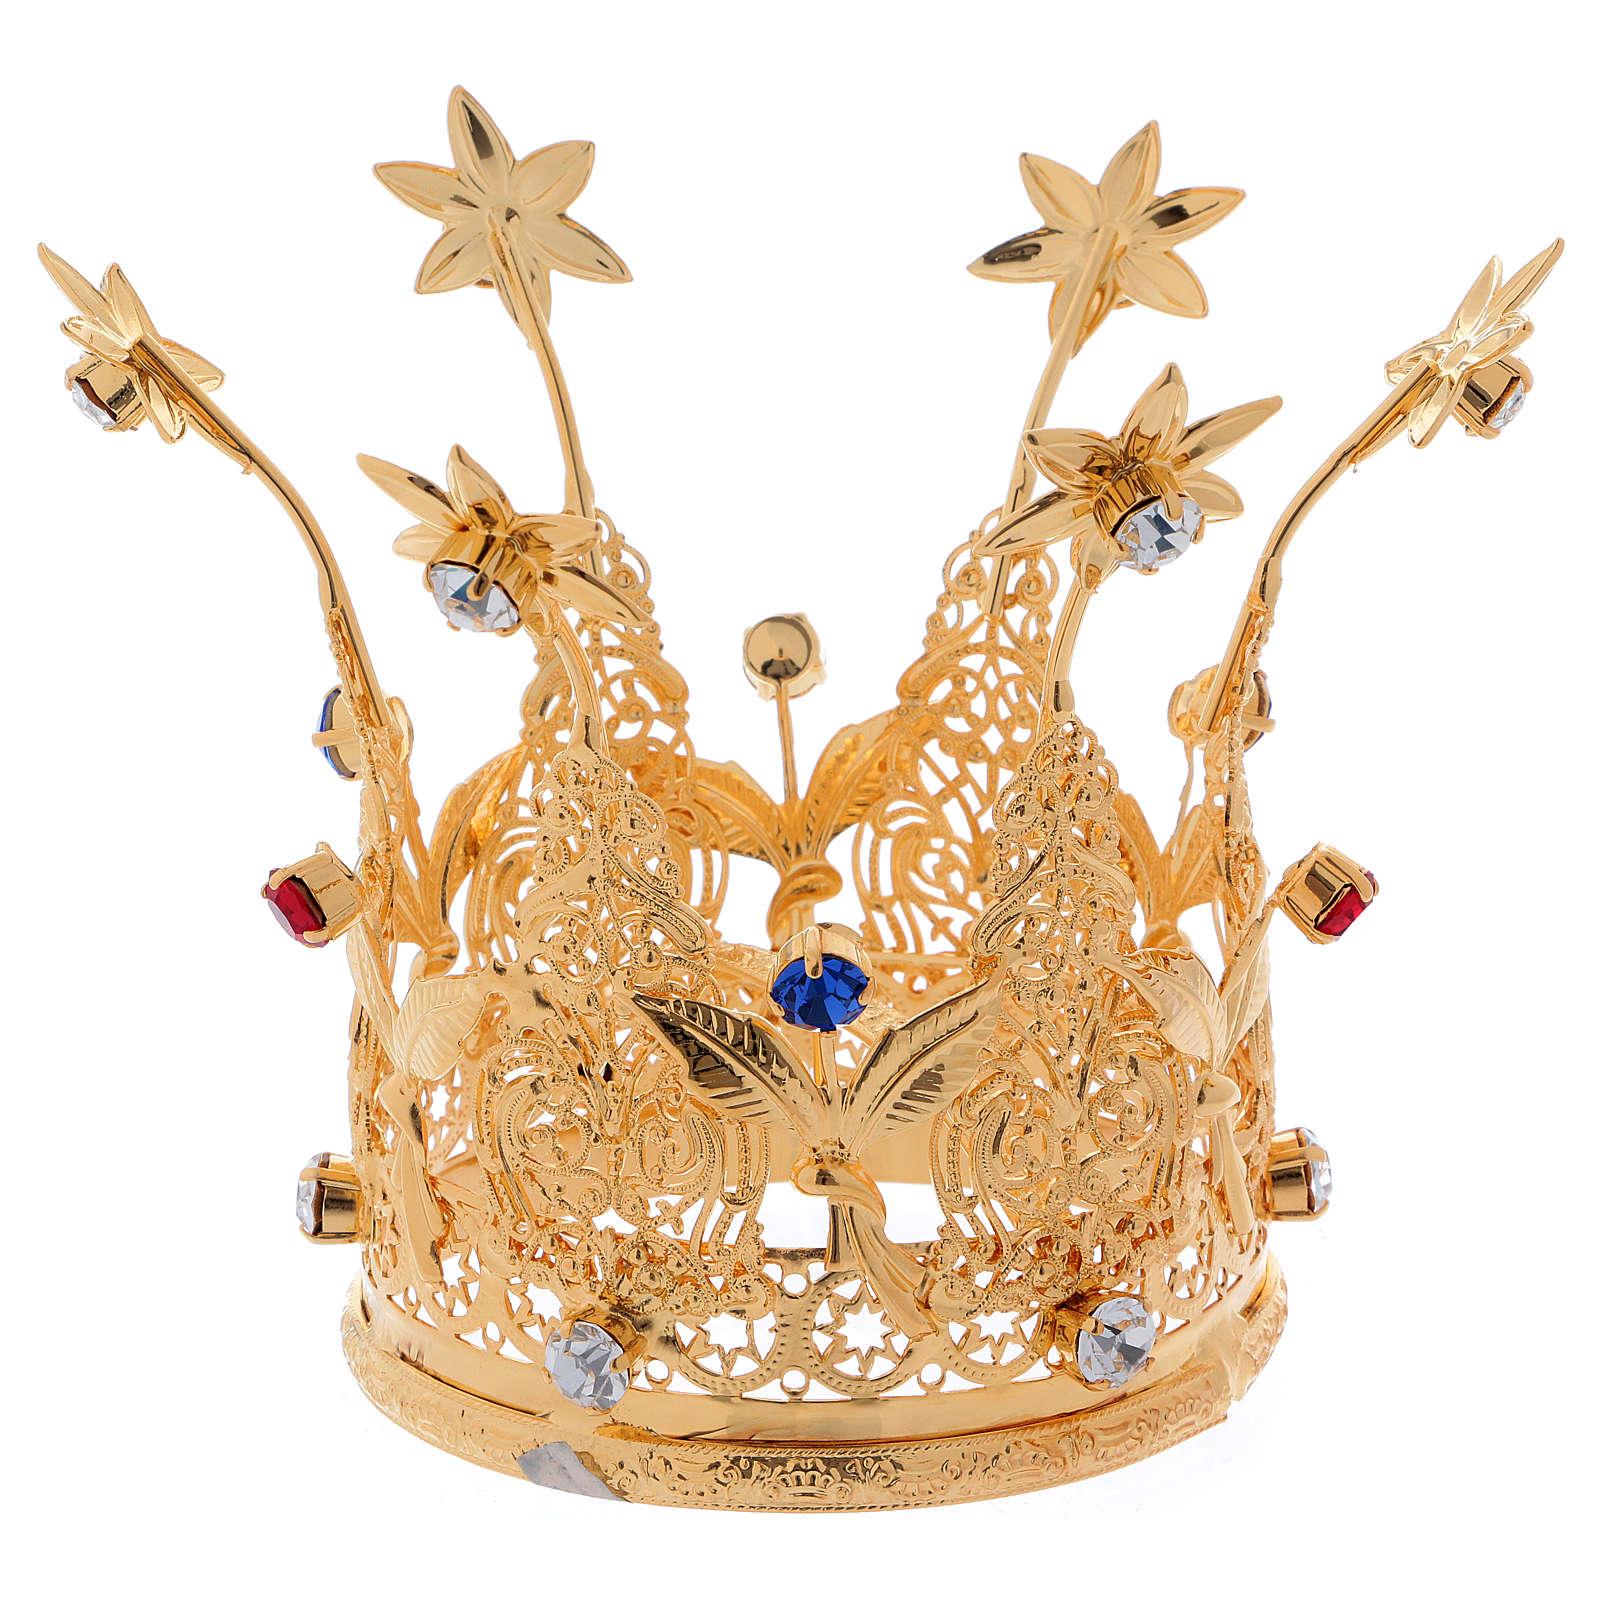 Krone für Statuen Metall Blumen und Steinen 8cm Durchmesser 3